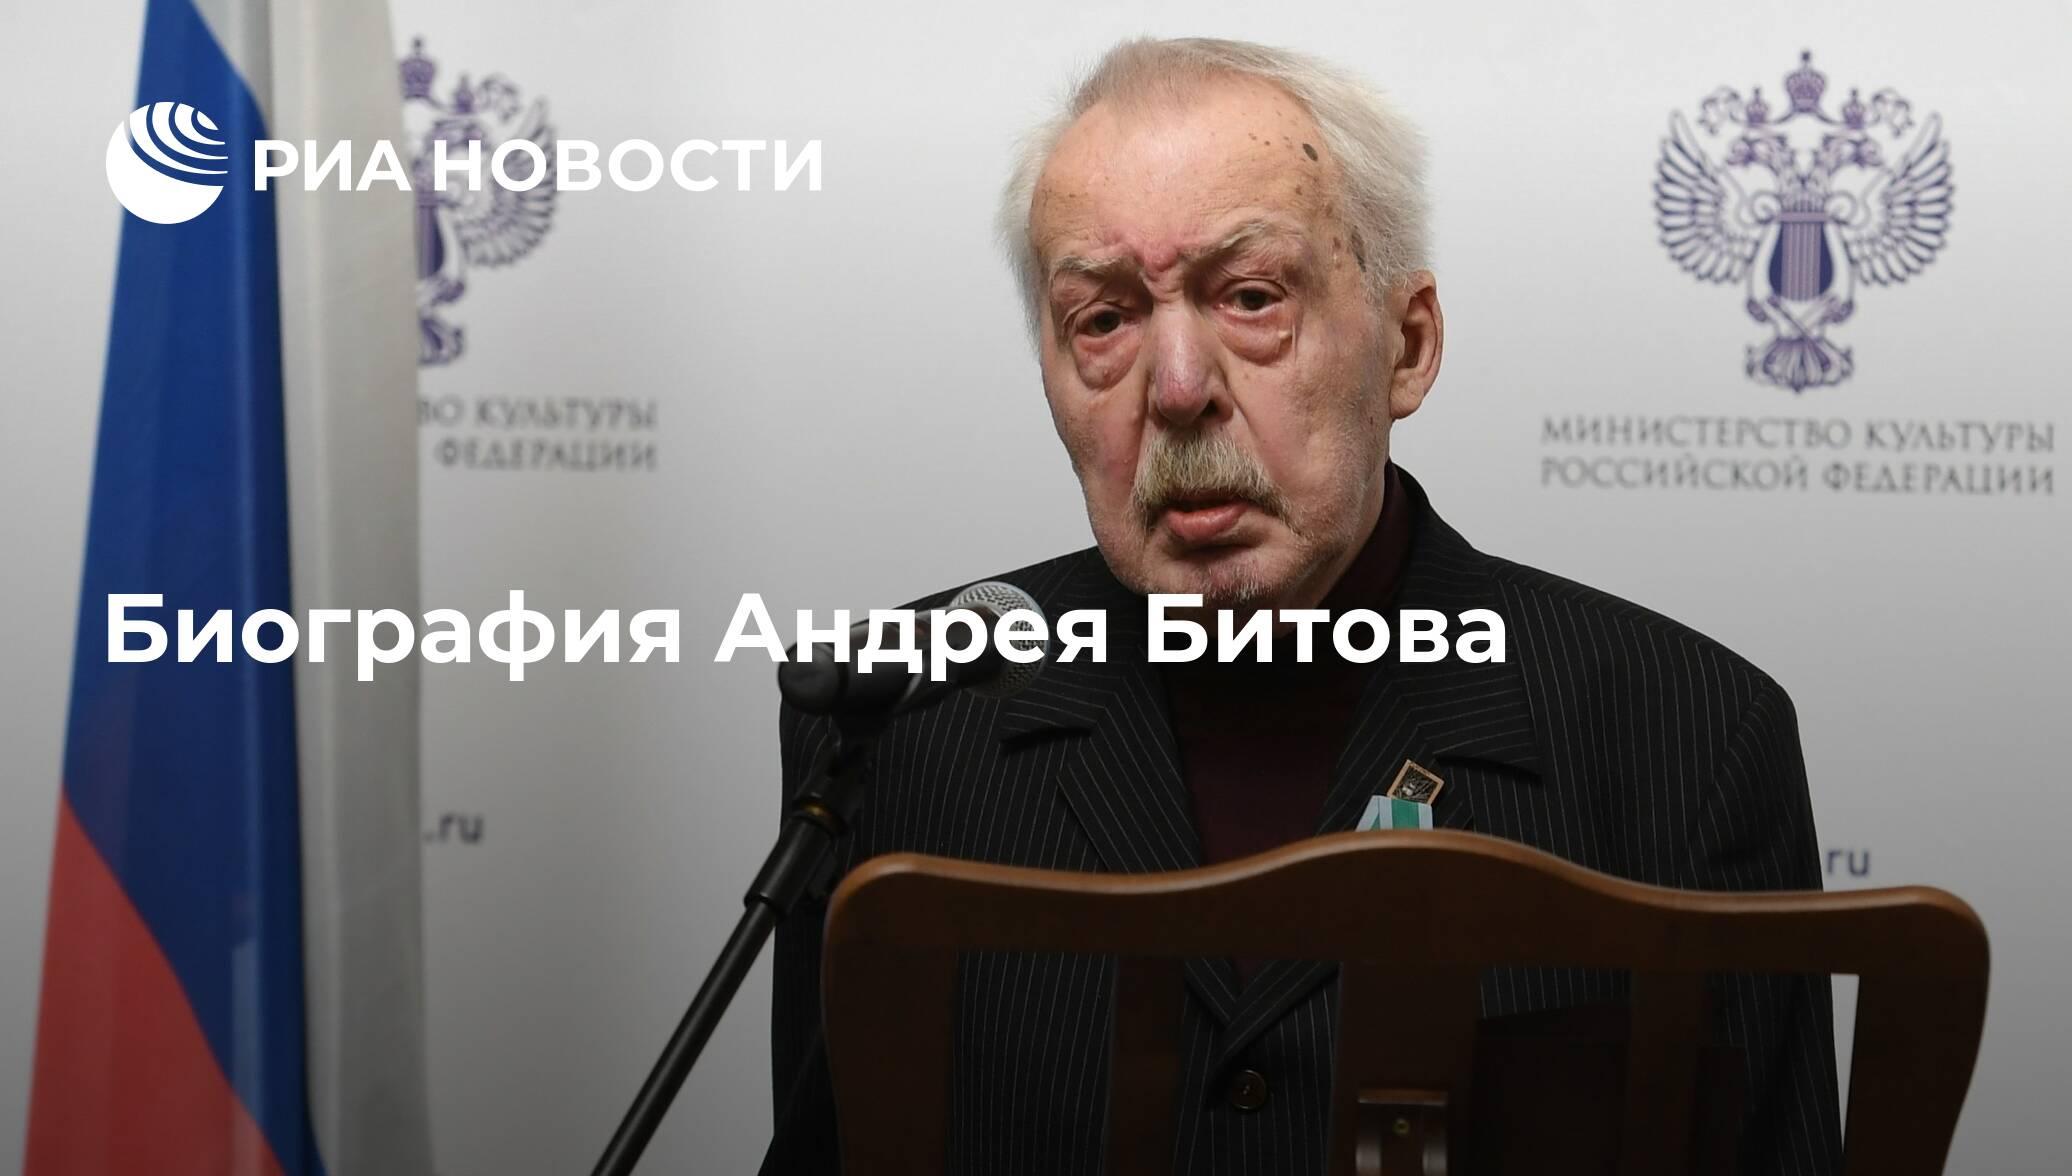 Битов, андрей георгиевич - вики